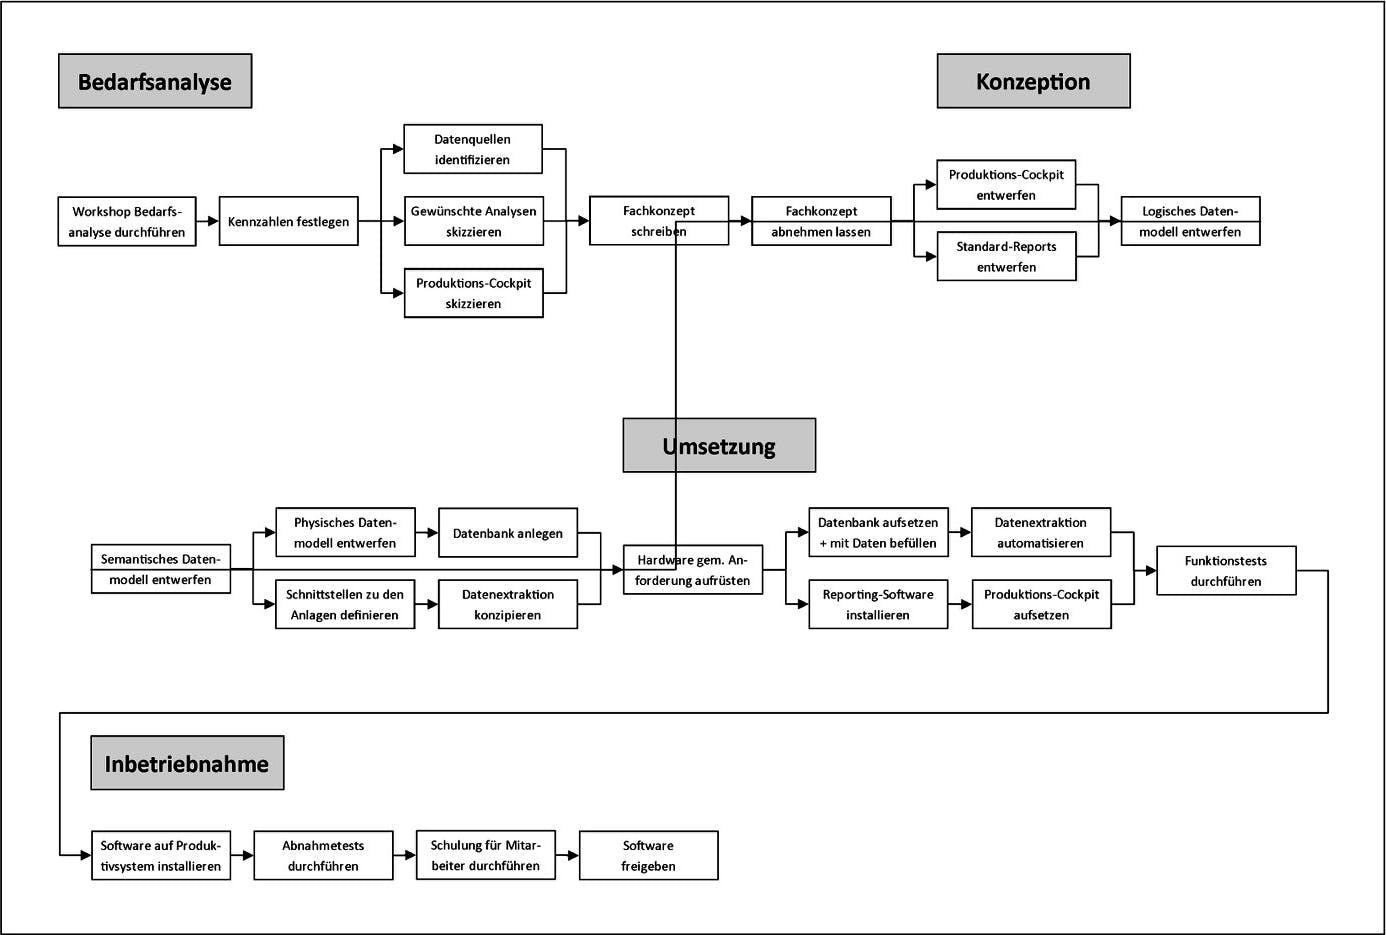 Bild eines Netzplans